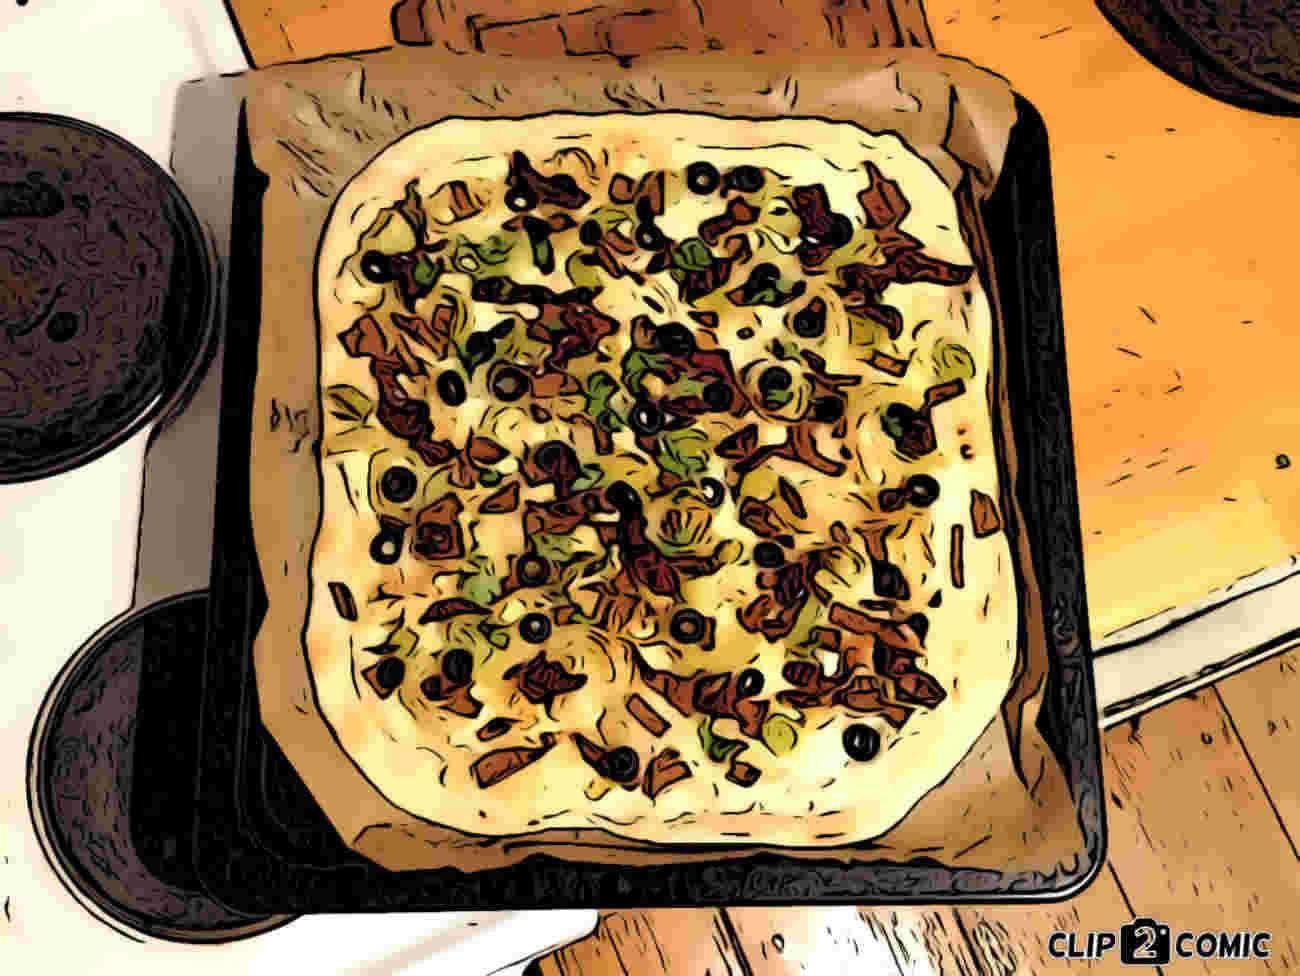 Veganer Flammkuchen frisch aus dem Ofen ohne Hefe. Schnell gemacht in nur einer Stunde mit Soja und Seitan. Veganes Rezept.